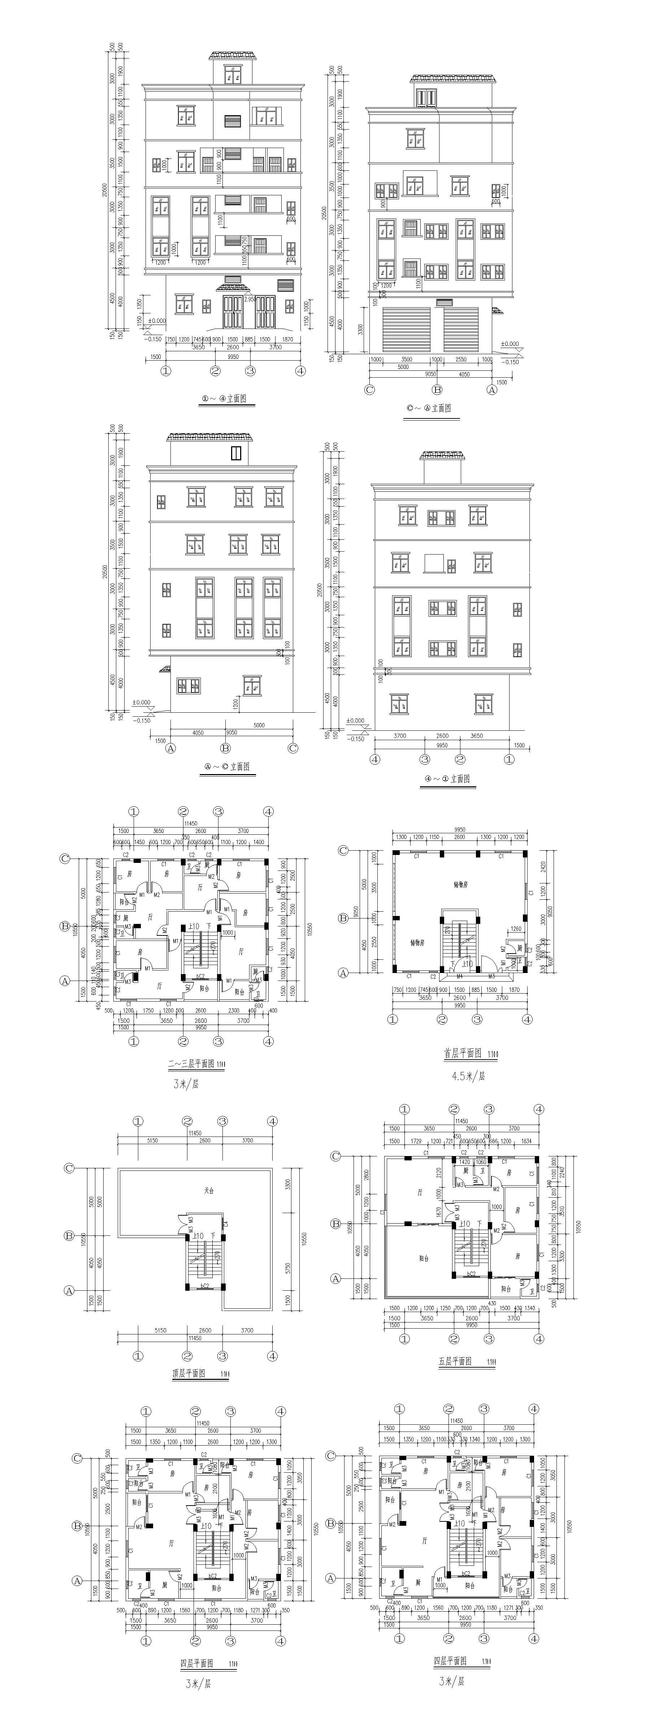 家居建筑cad图纸图片下载家居建筑图纸 家居cad施工图 家装cad图纸